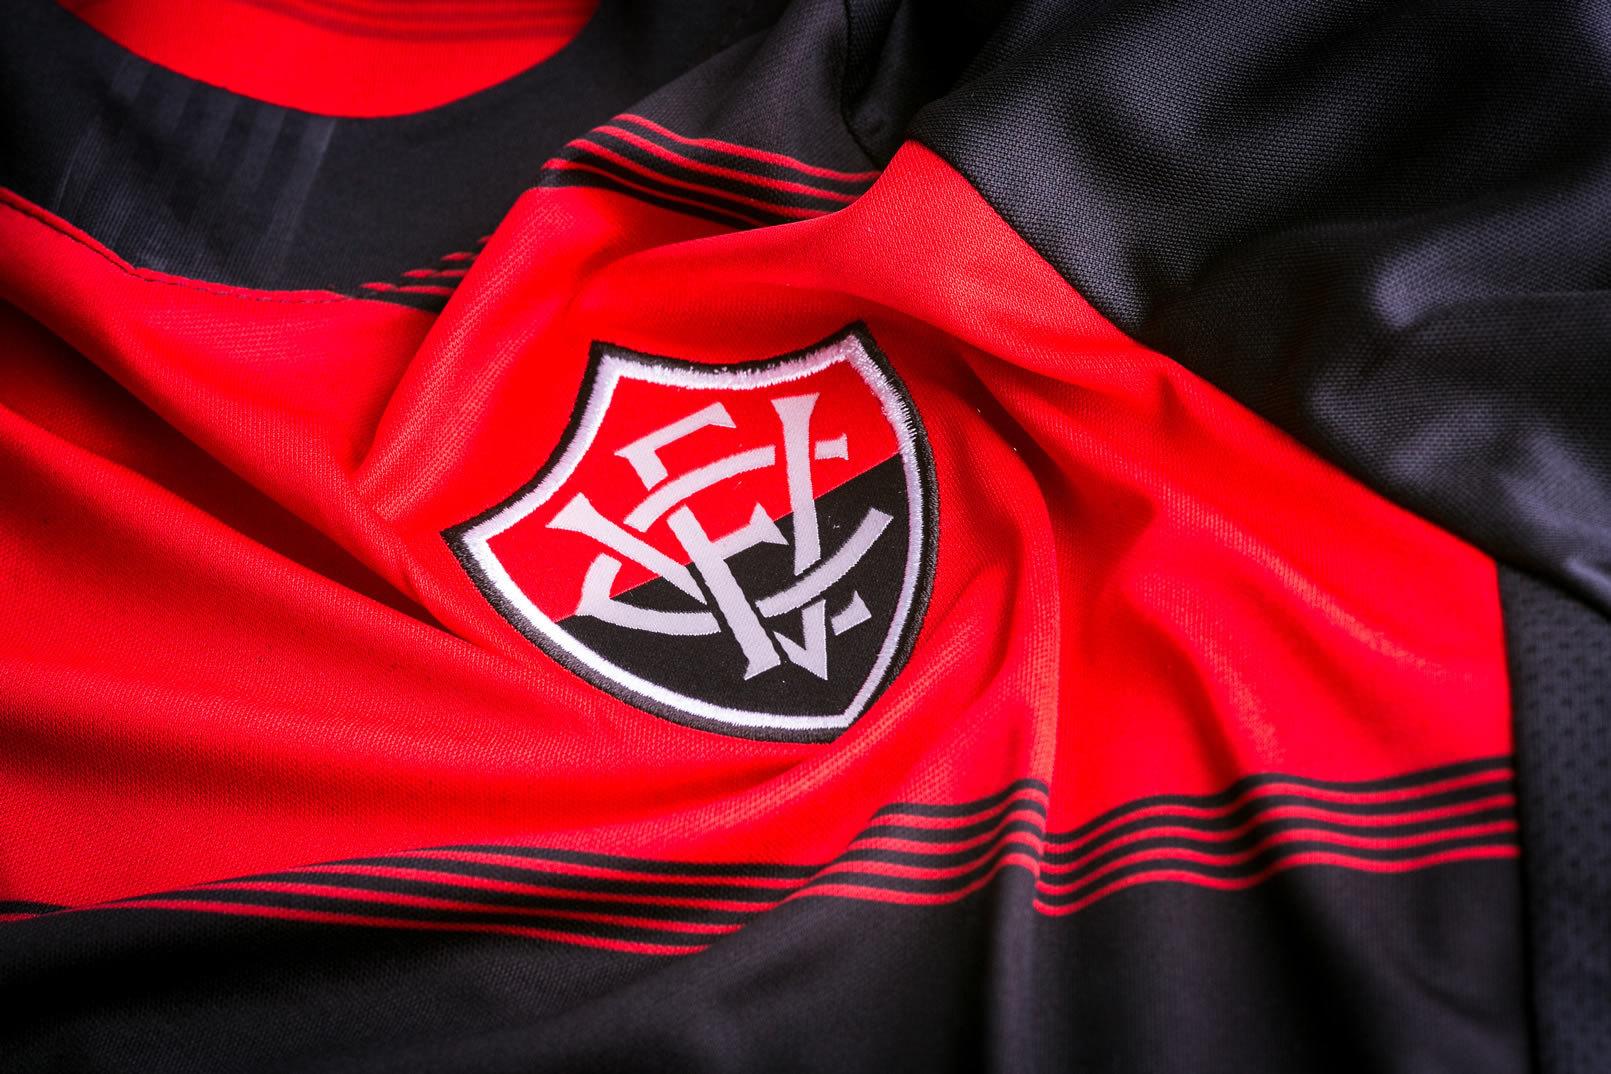 Camiseta titular del EC Vitória 2018-19 | Imagen Gentileza Topper